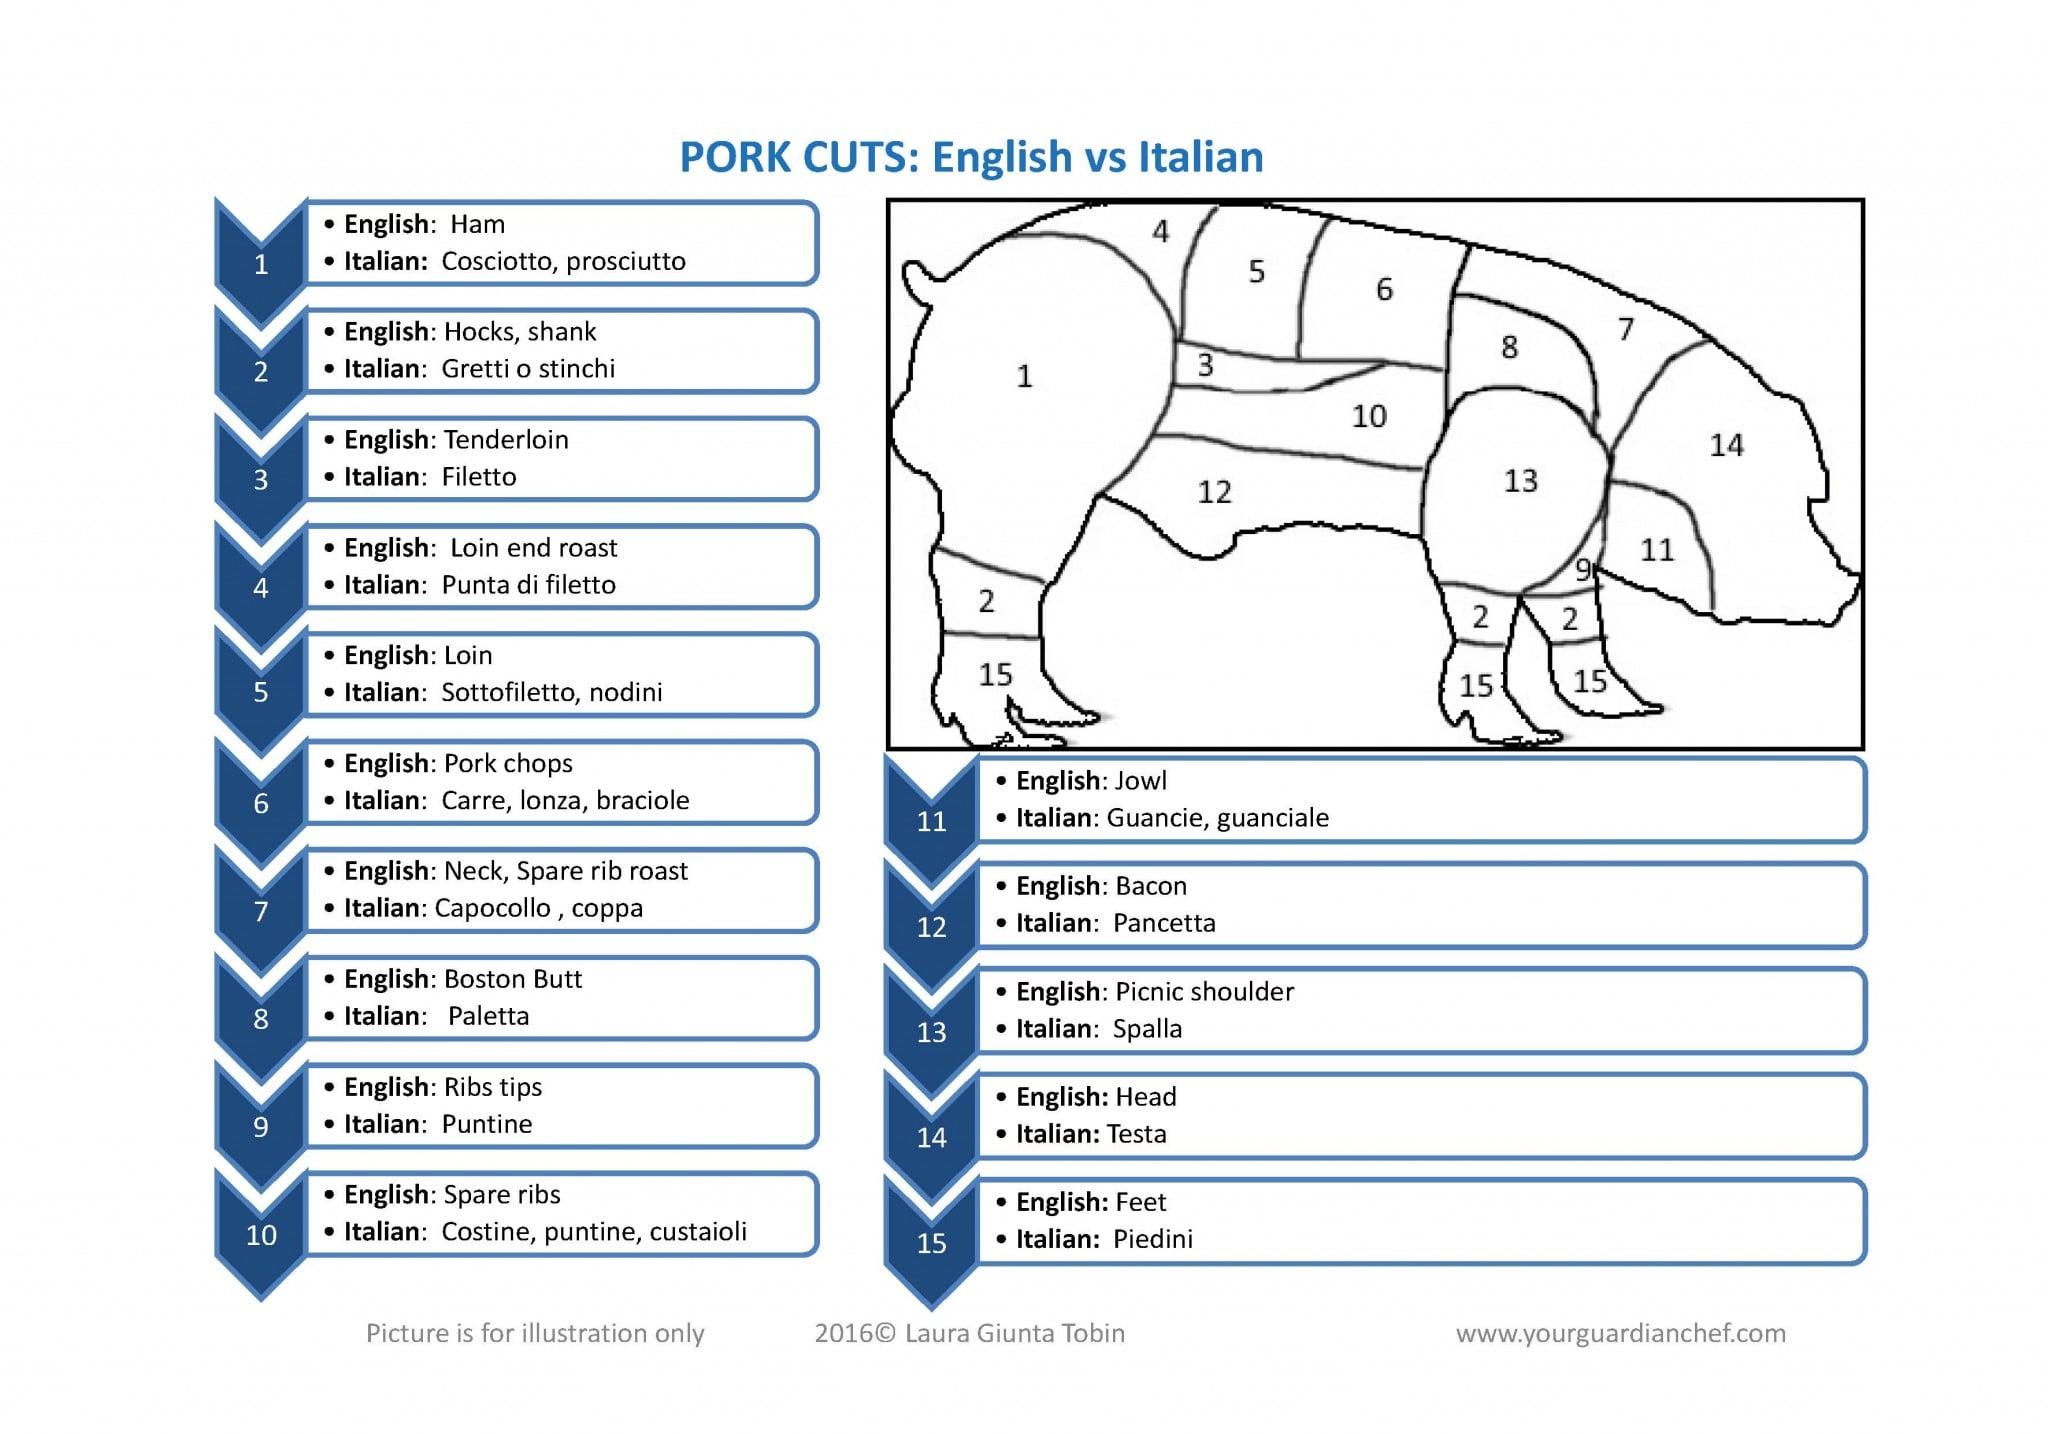 Pork Cuts english vs italian